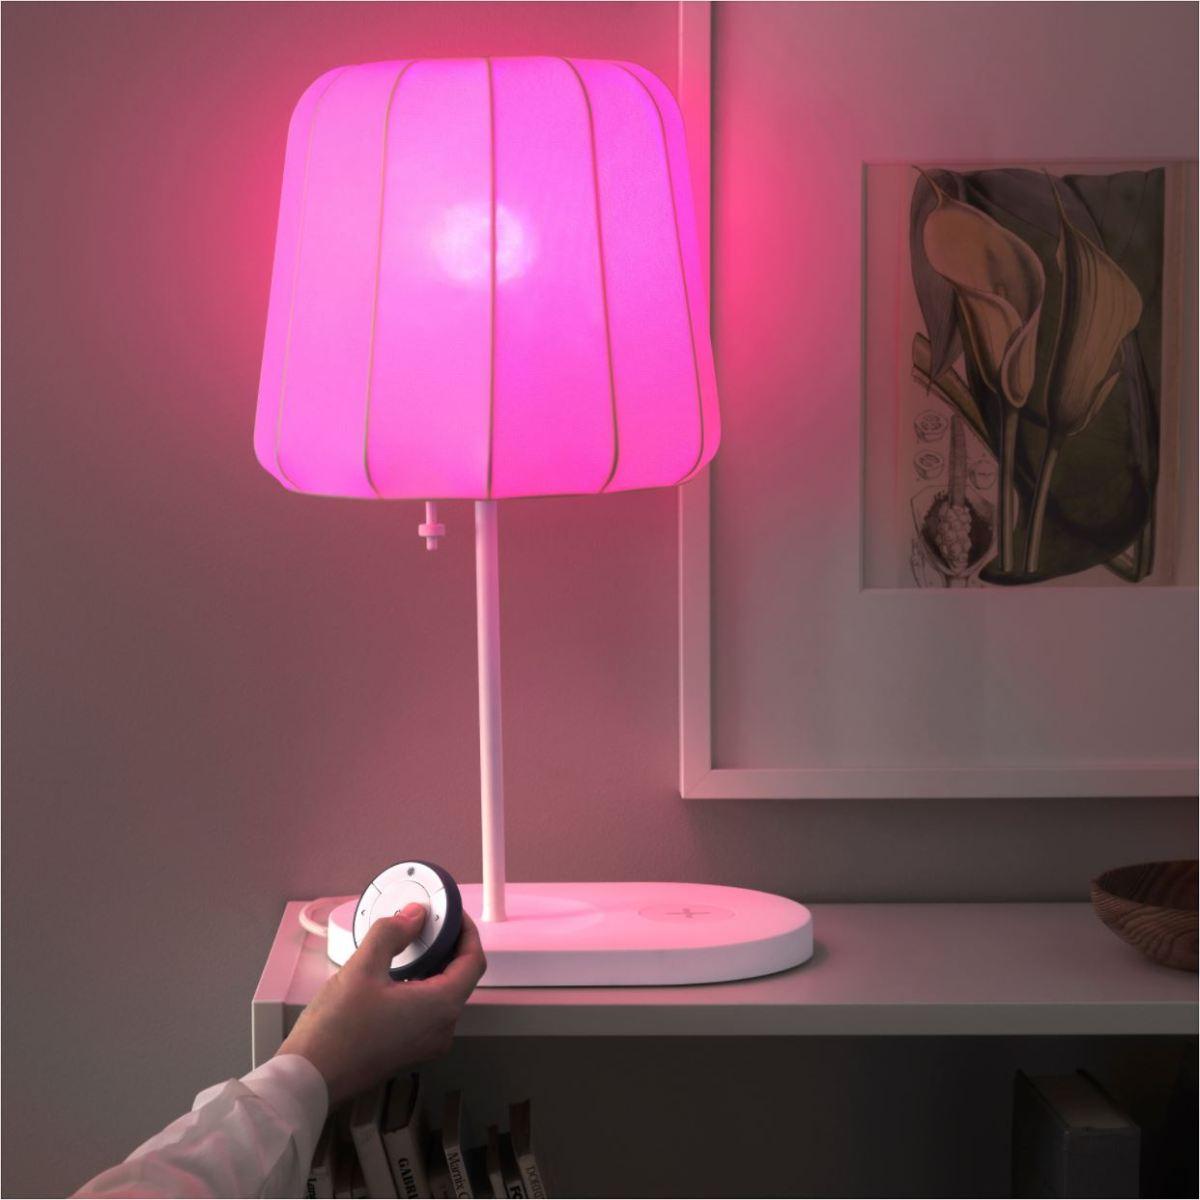 Ikea Tradfri: Bunte E27 LED für'n Zwanni